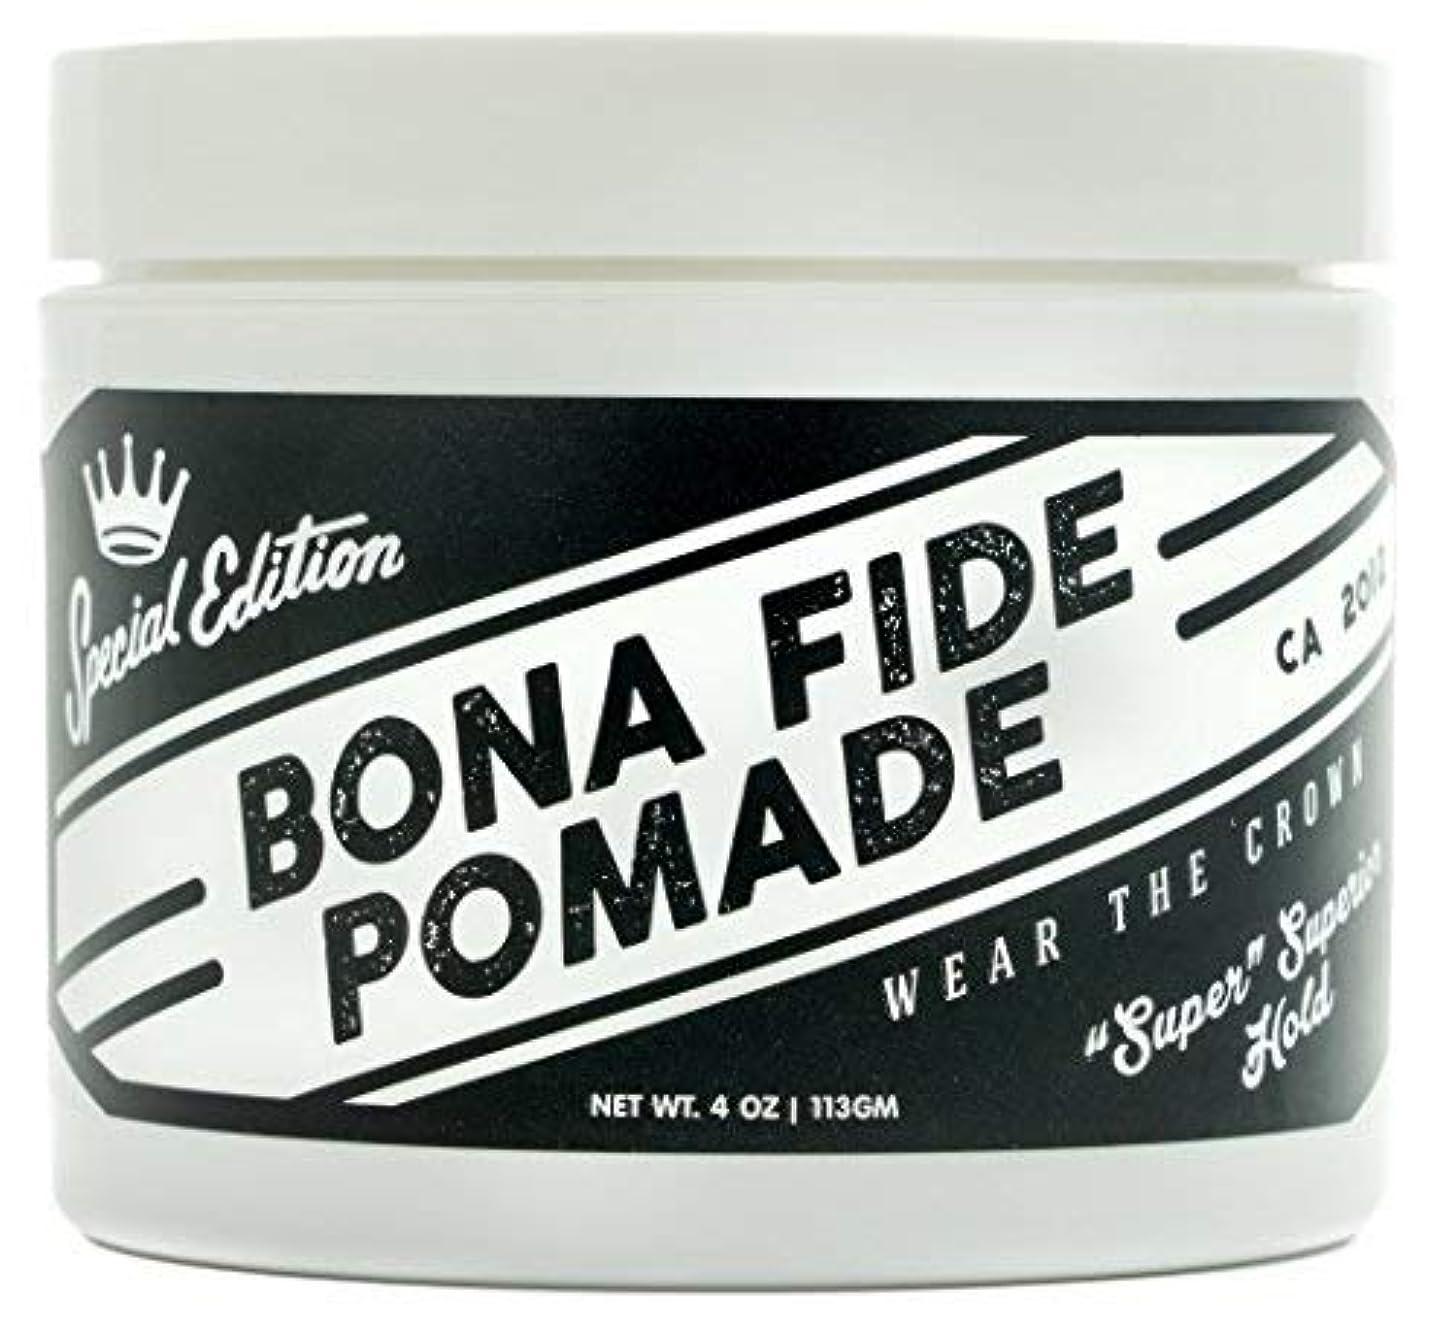 コード弾性ロケーションBona Fide Pomade, スーパースーペリアホールドSE, 4OZ (113g)、水性ポマード/ヘアー グリース (整髪料)